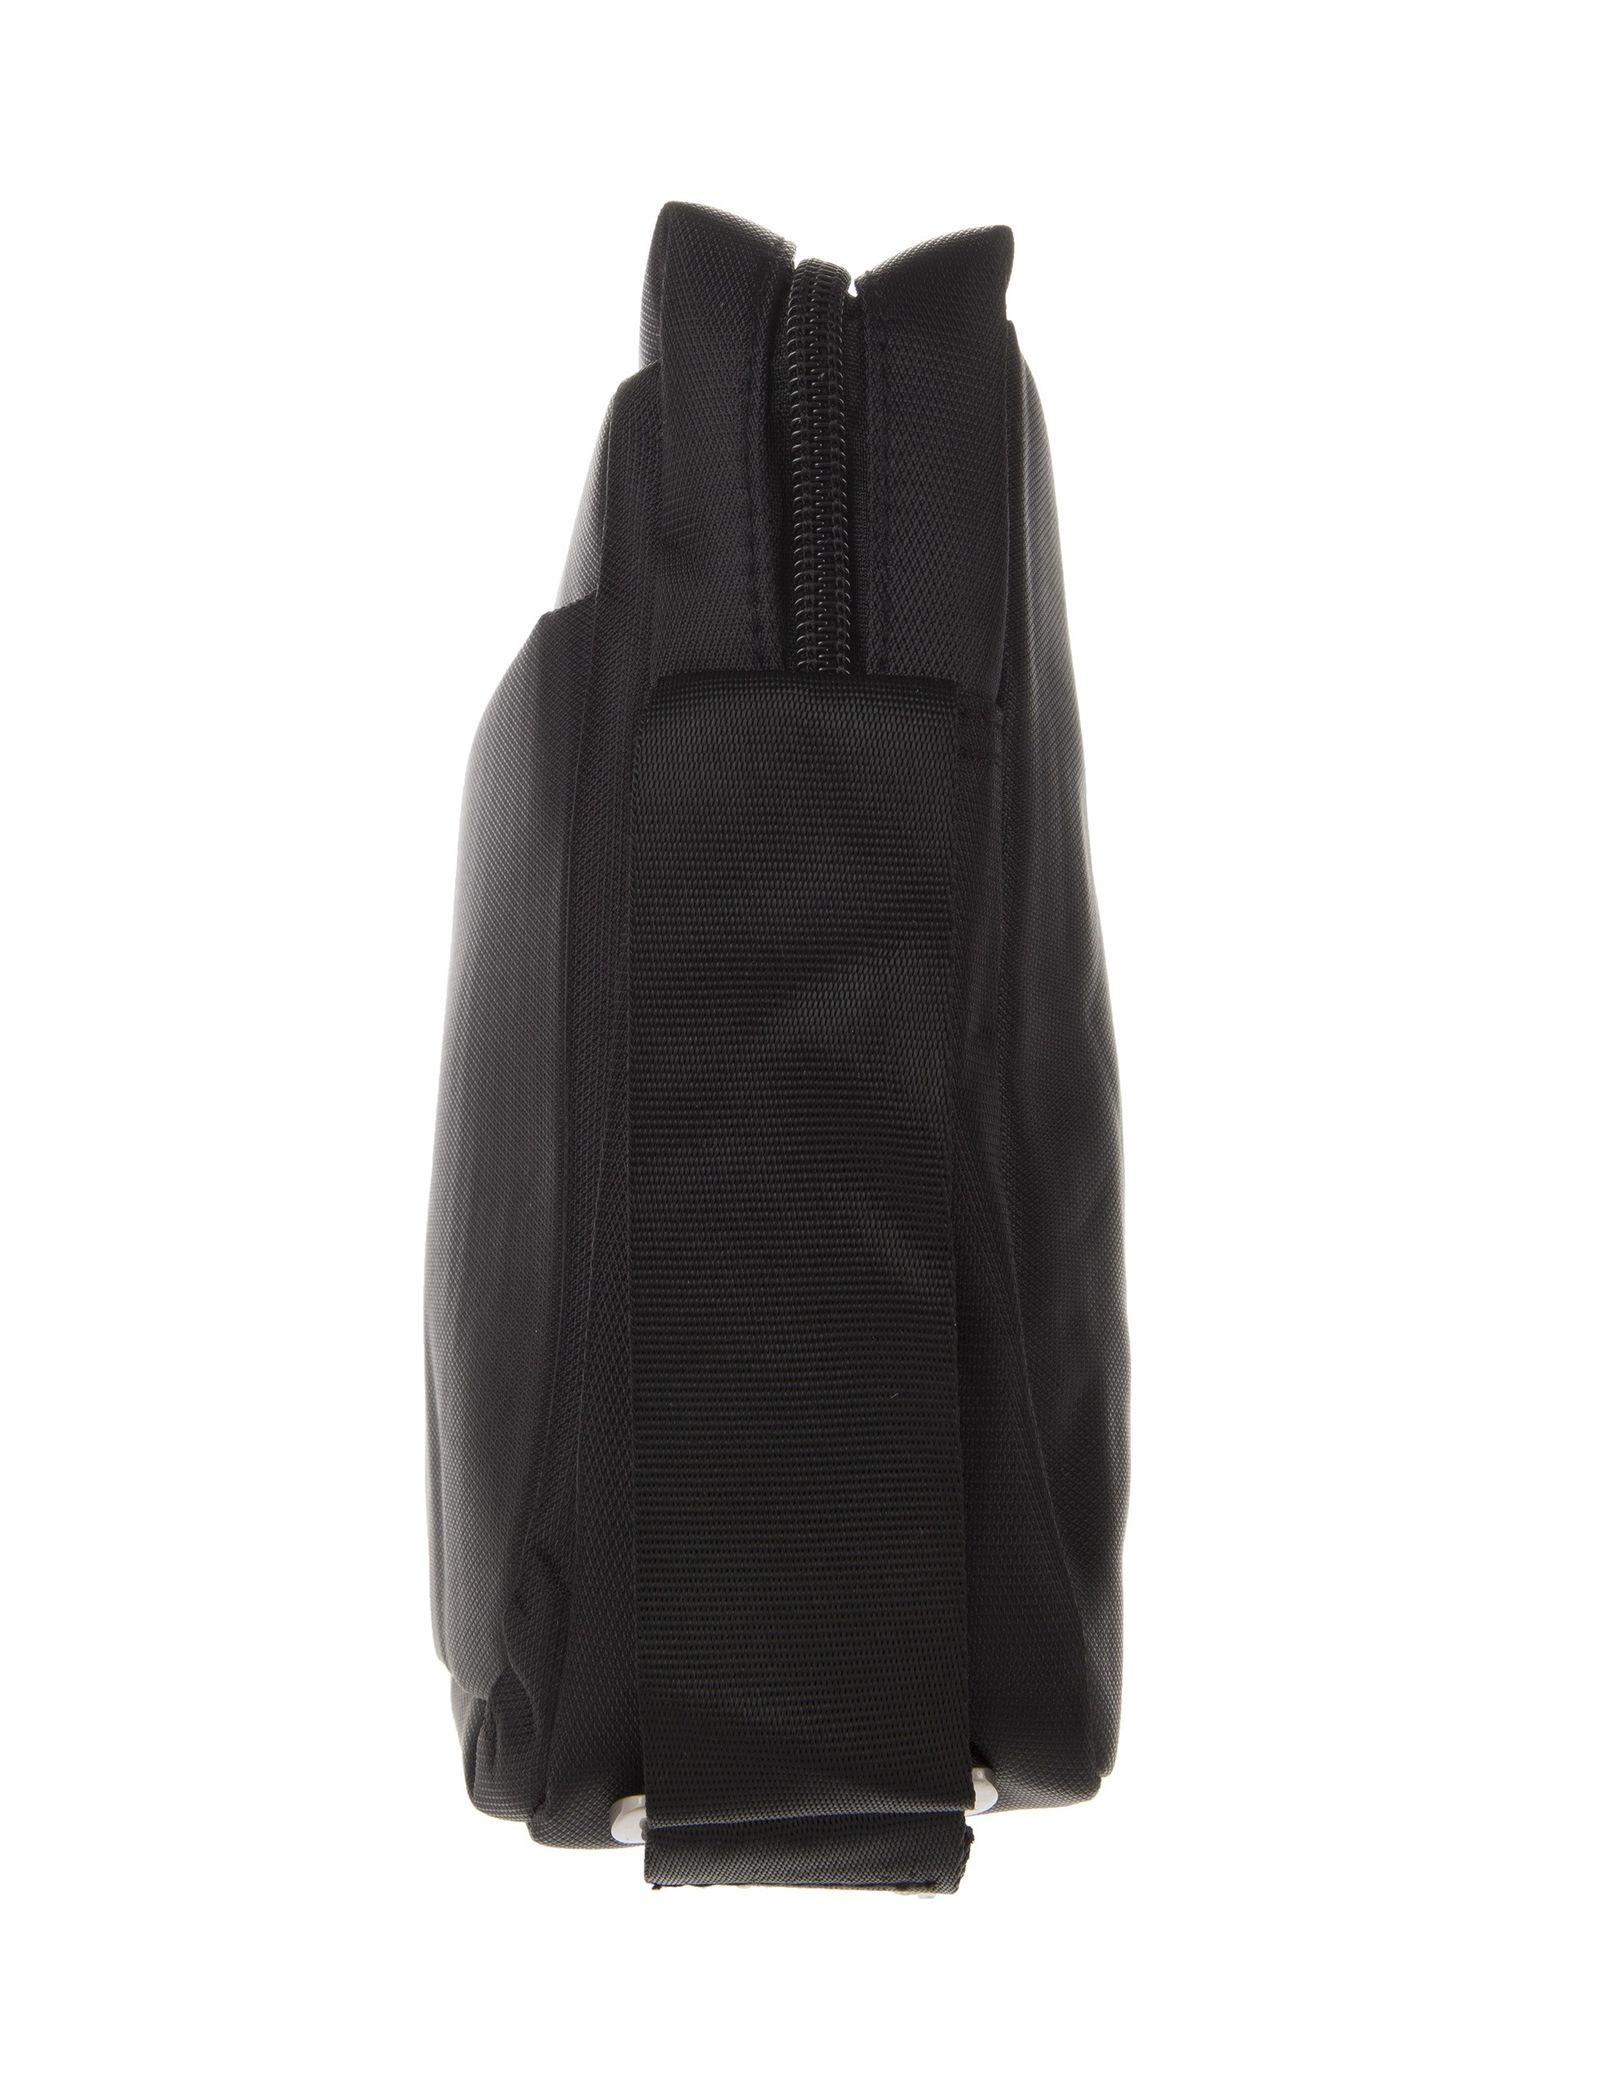 کیف دوشی روزمره بزرگسال - دادلین تک سایز - مشکي - 5